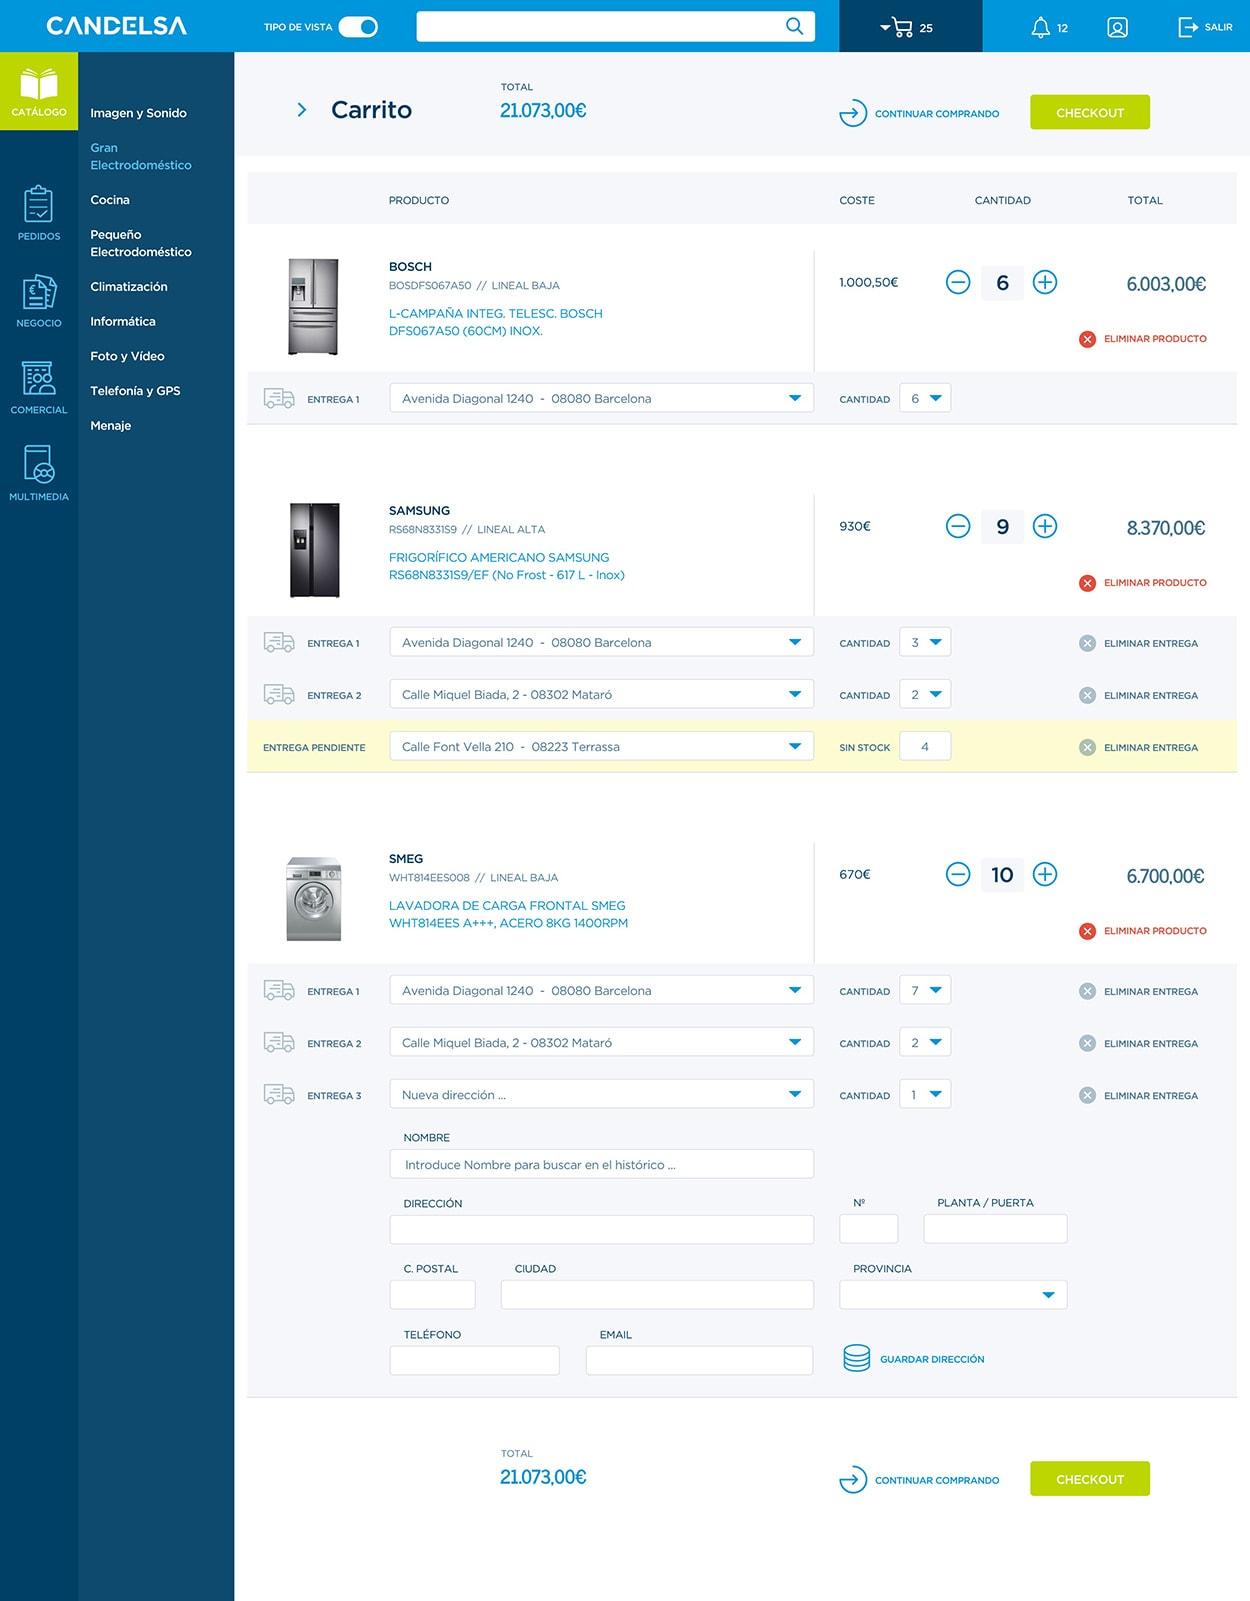 Candelsa checkout screen